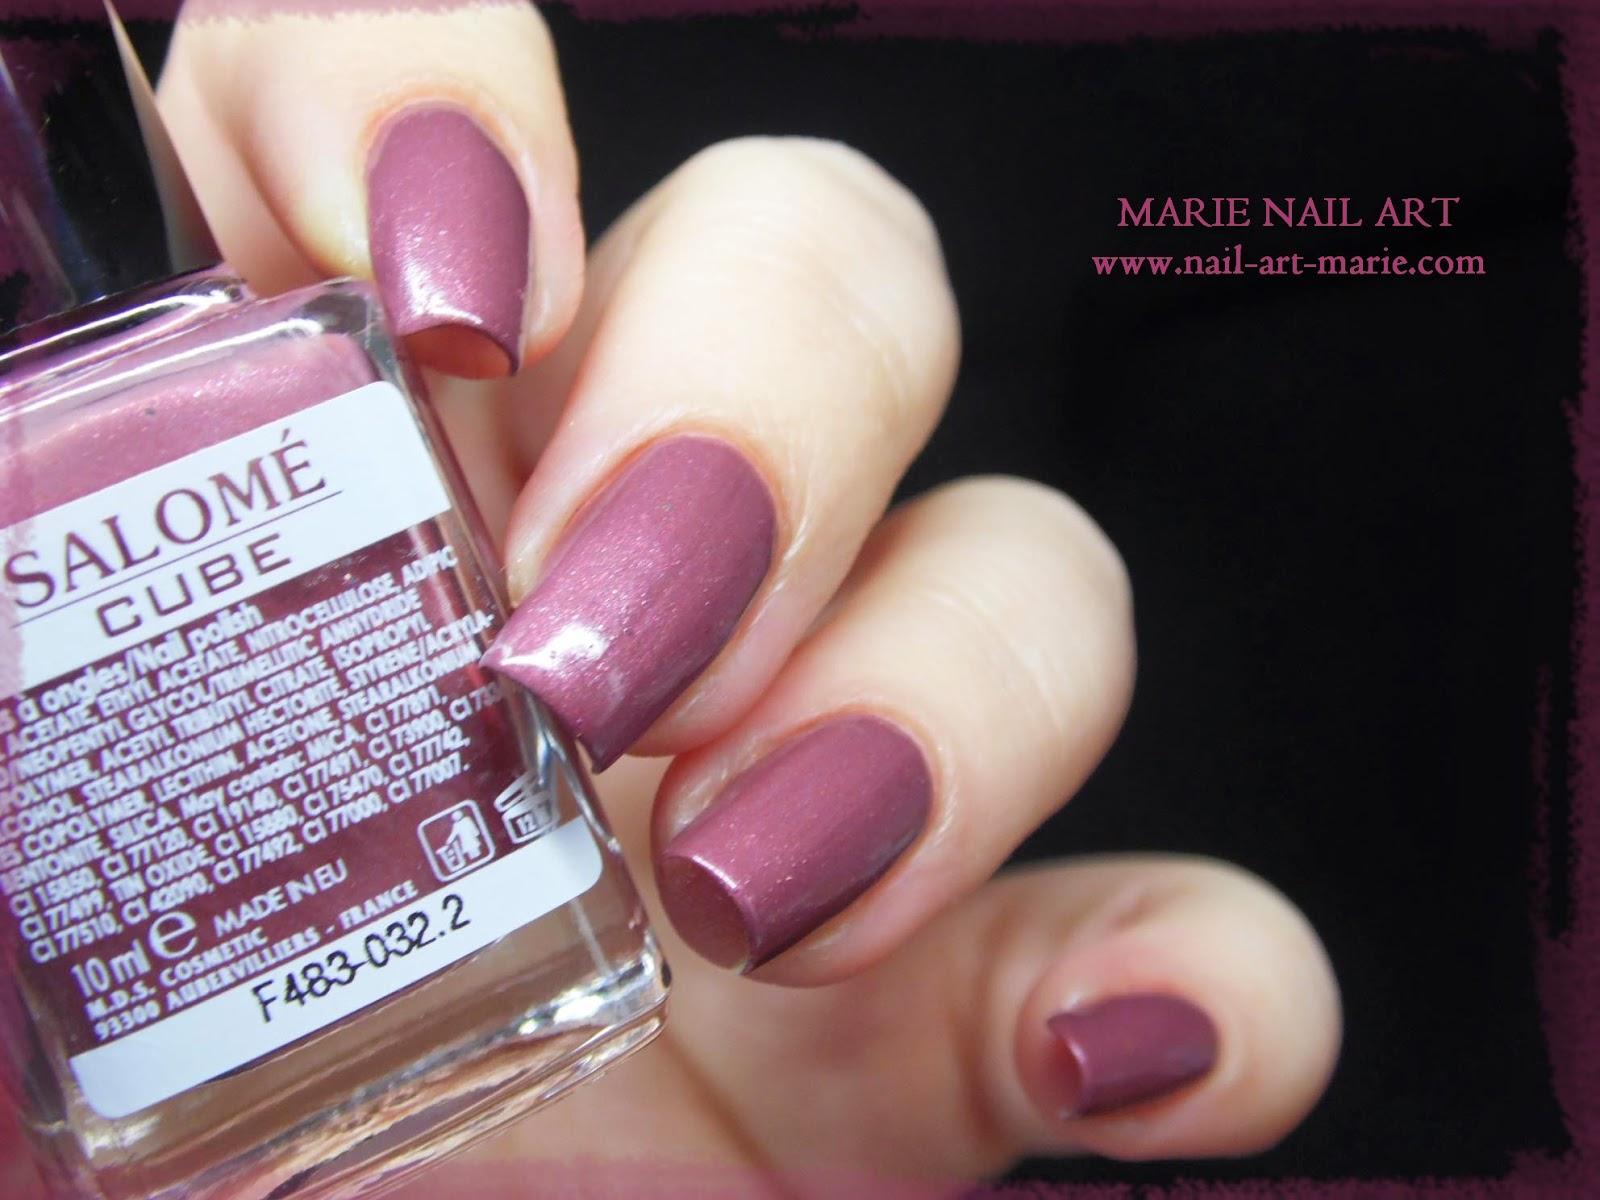 Salomé Cube Mauve9